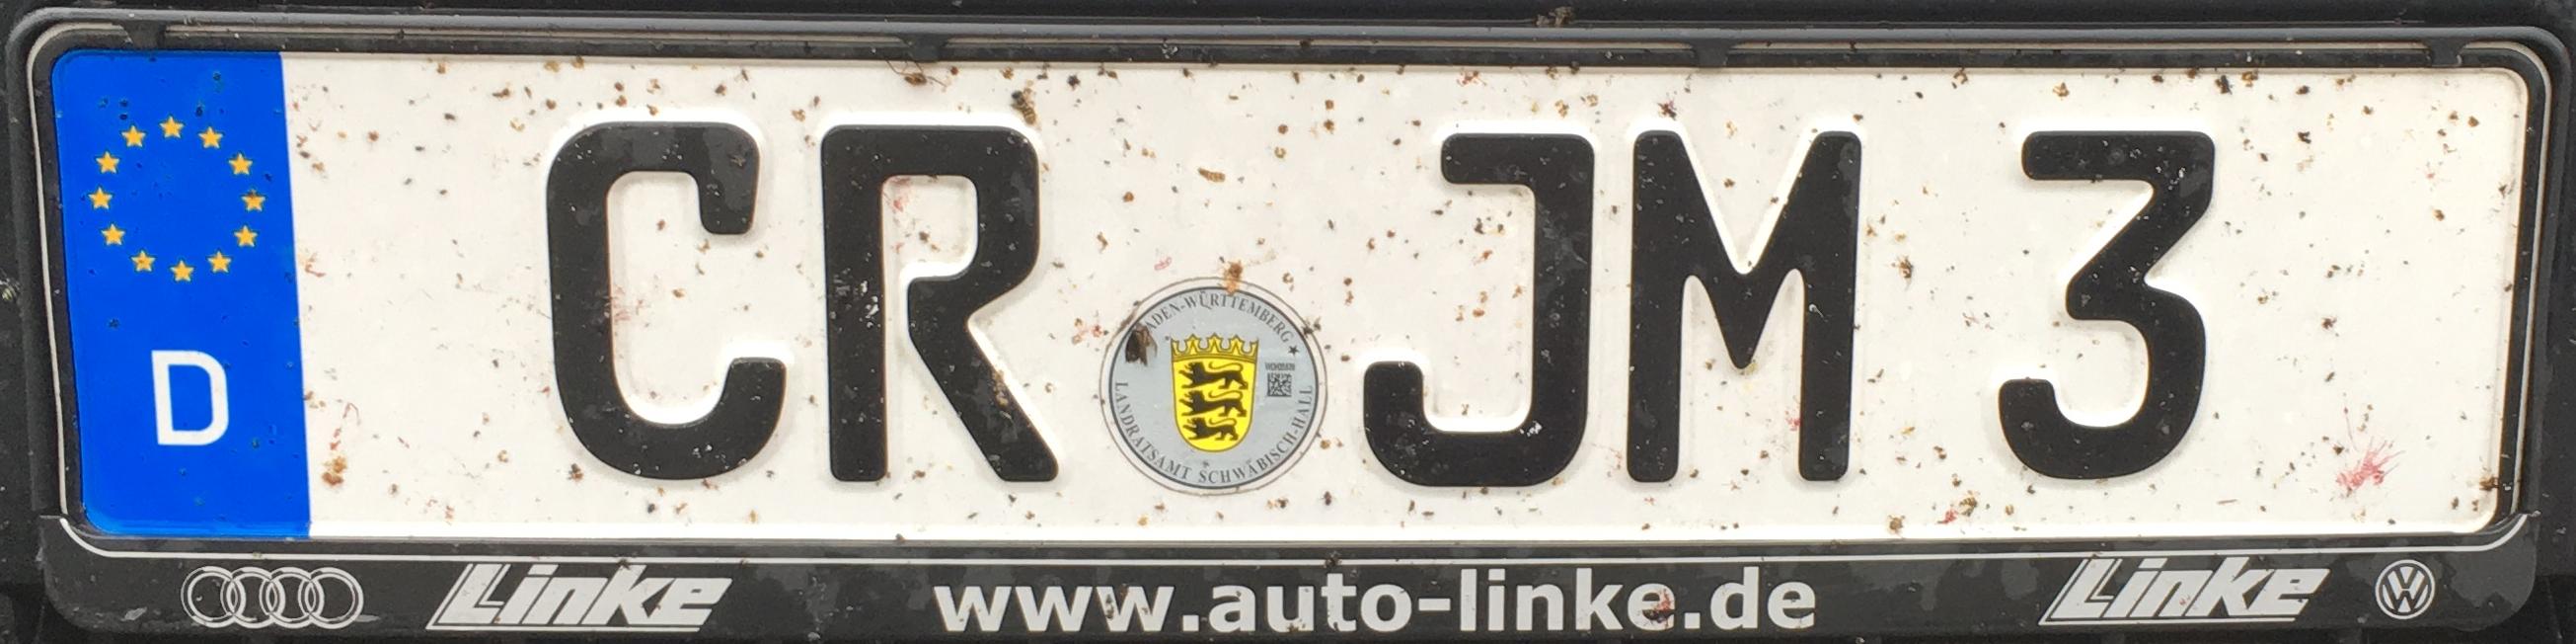 Registrační značky Německo - CR - Crailsheim, foto: podalnici.cz